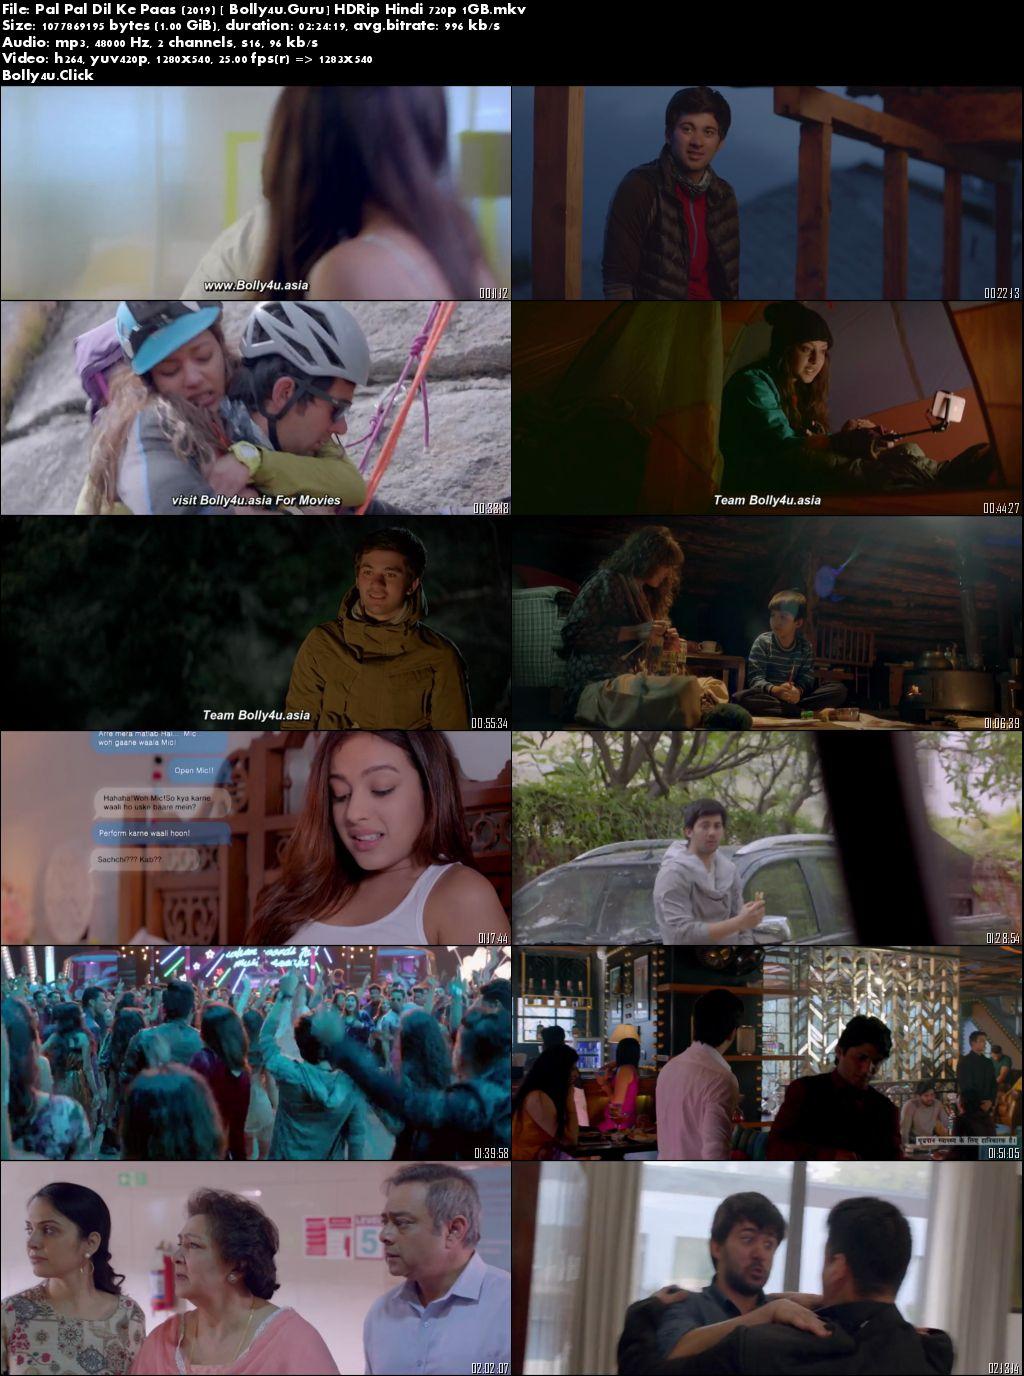 Pal Pal Dil Ke Paas 2019 HDRip 300MB Full Hindi Movie Download 480p